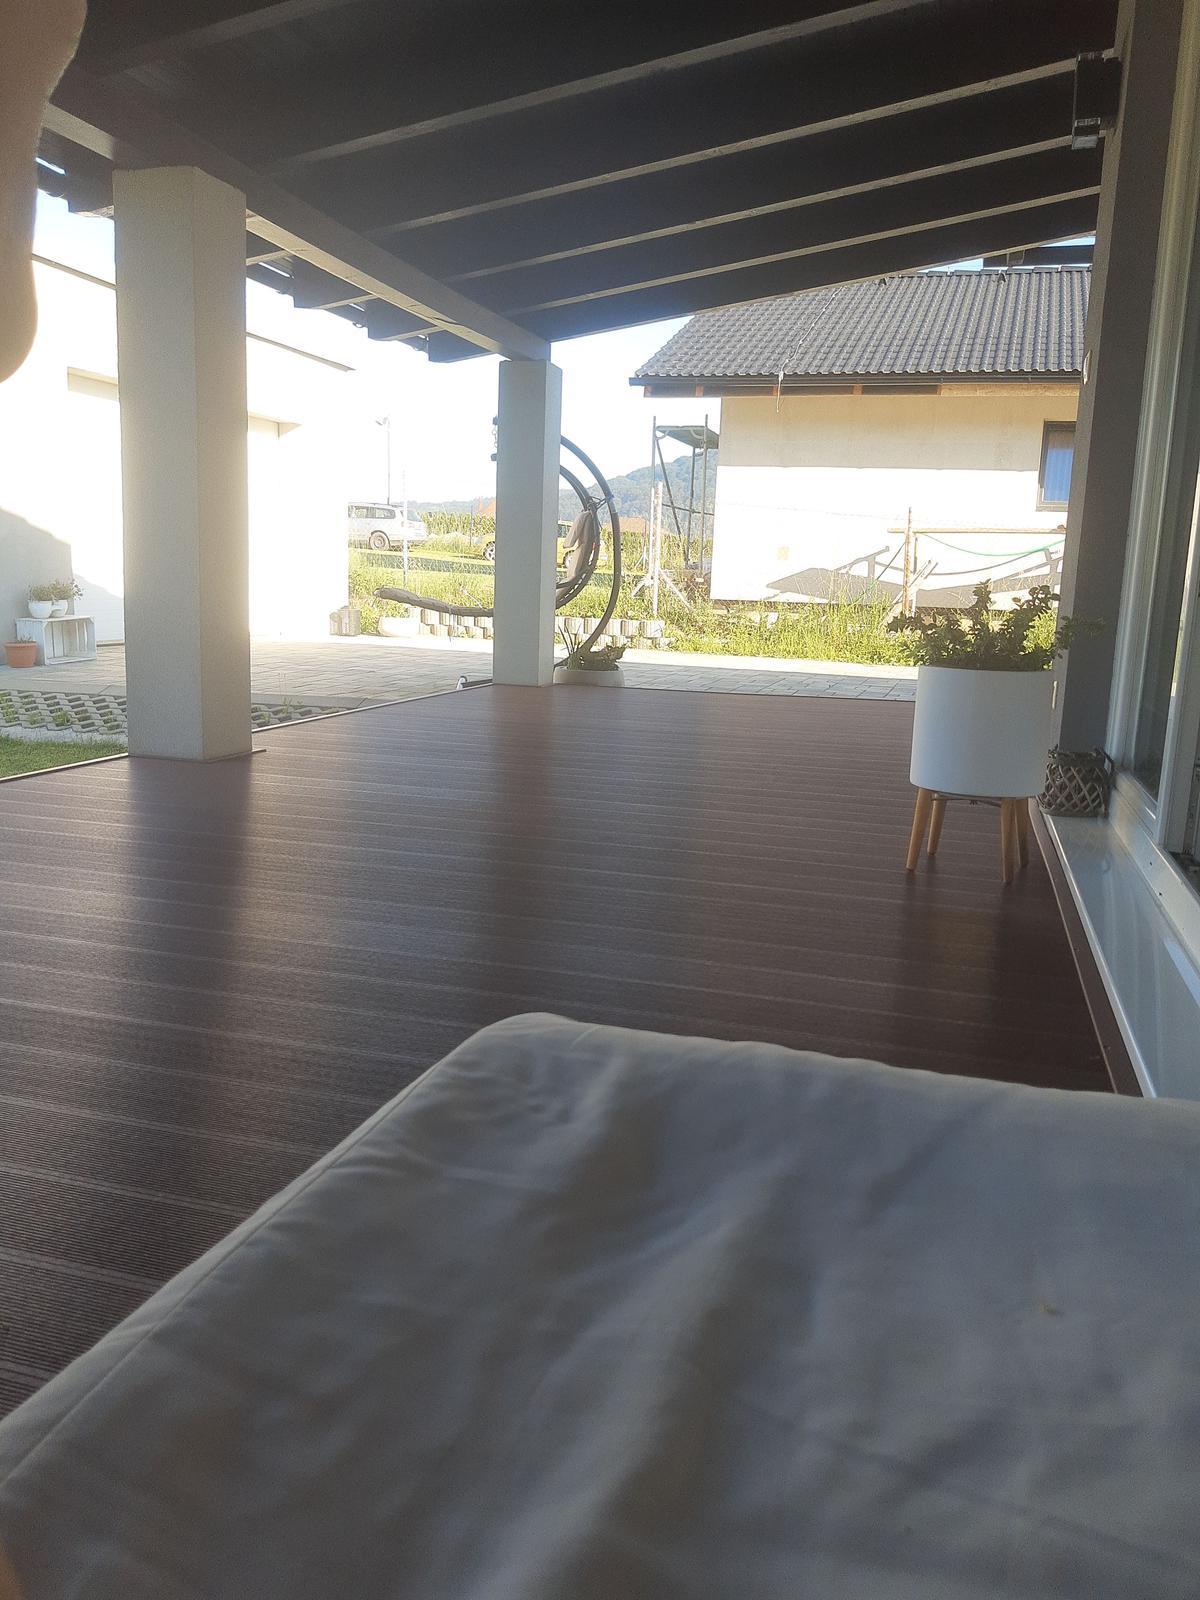 Domček na kopčeku - Tie letné rána sú nenahraditeľné 5,45 a slniečko krásne svieti